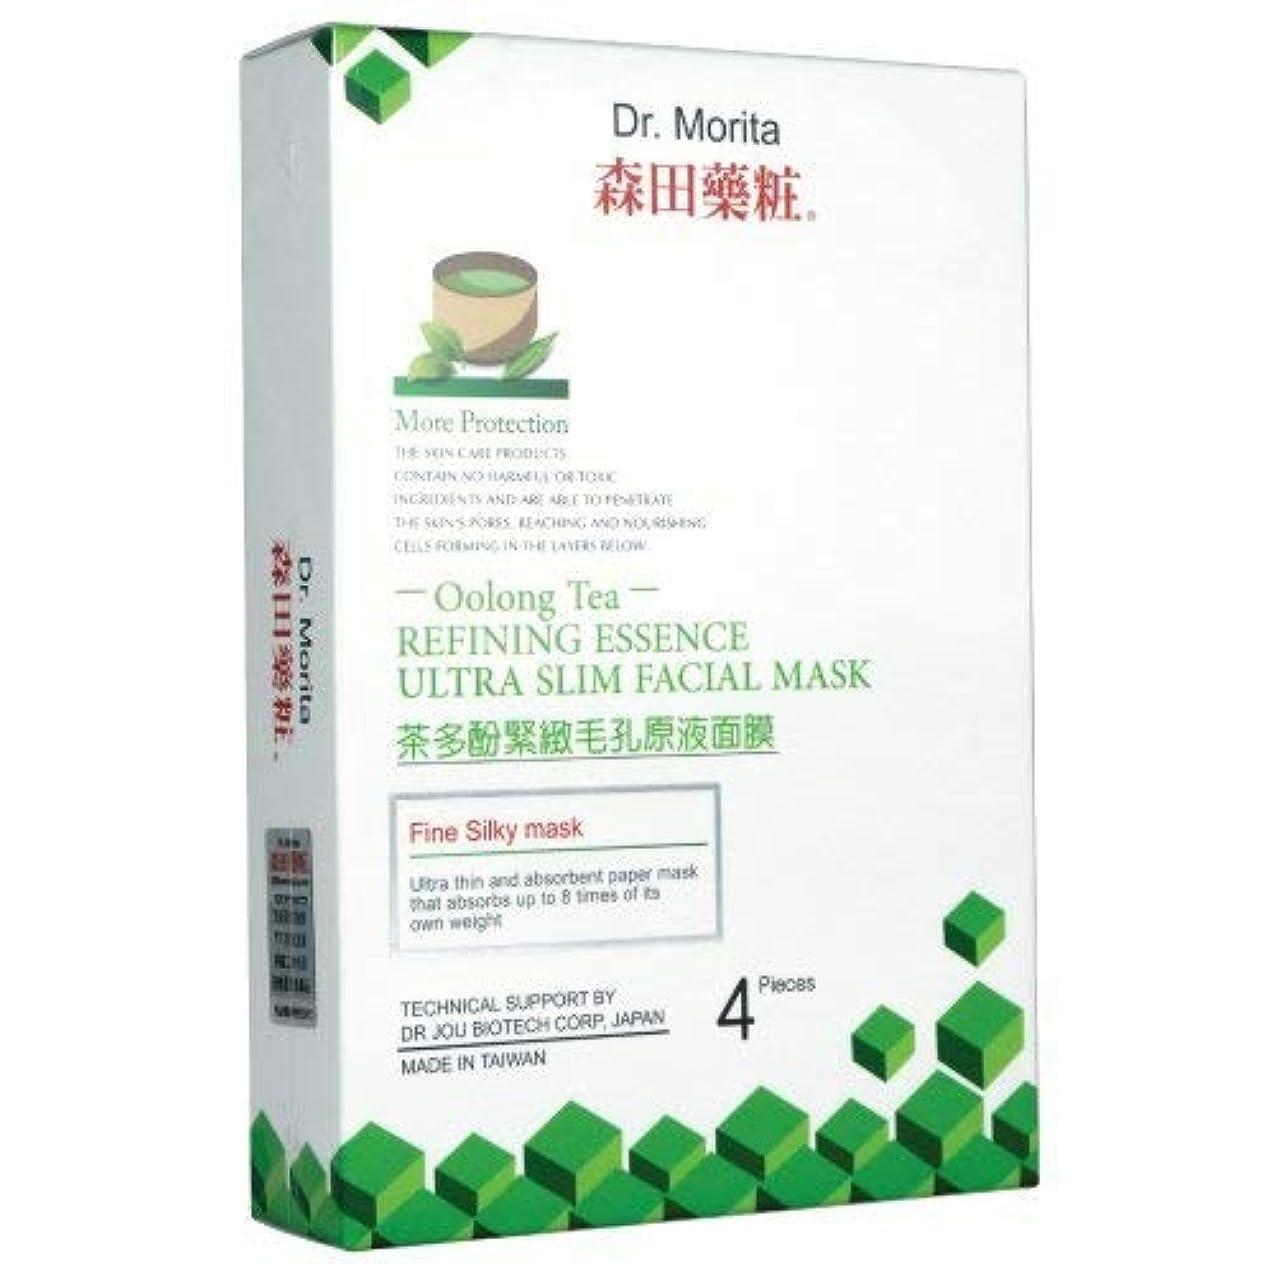 落胆させる興奮するケニアDoctor Morita (ウーロン茶)洗練されたエッセンス超スリムフェイシャルマスクは4肌を修復し、目に見える毛穴を引き締め、肌の質感の向上に役立ちます。